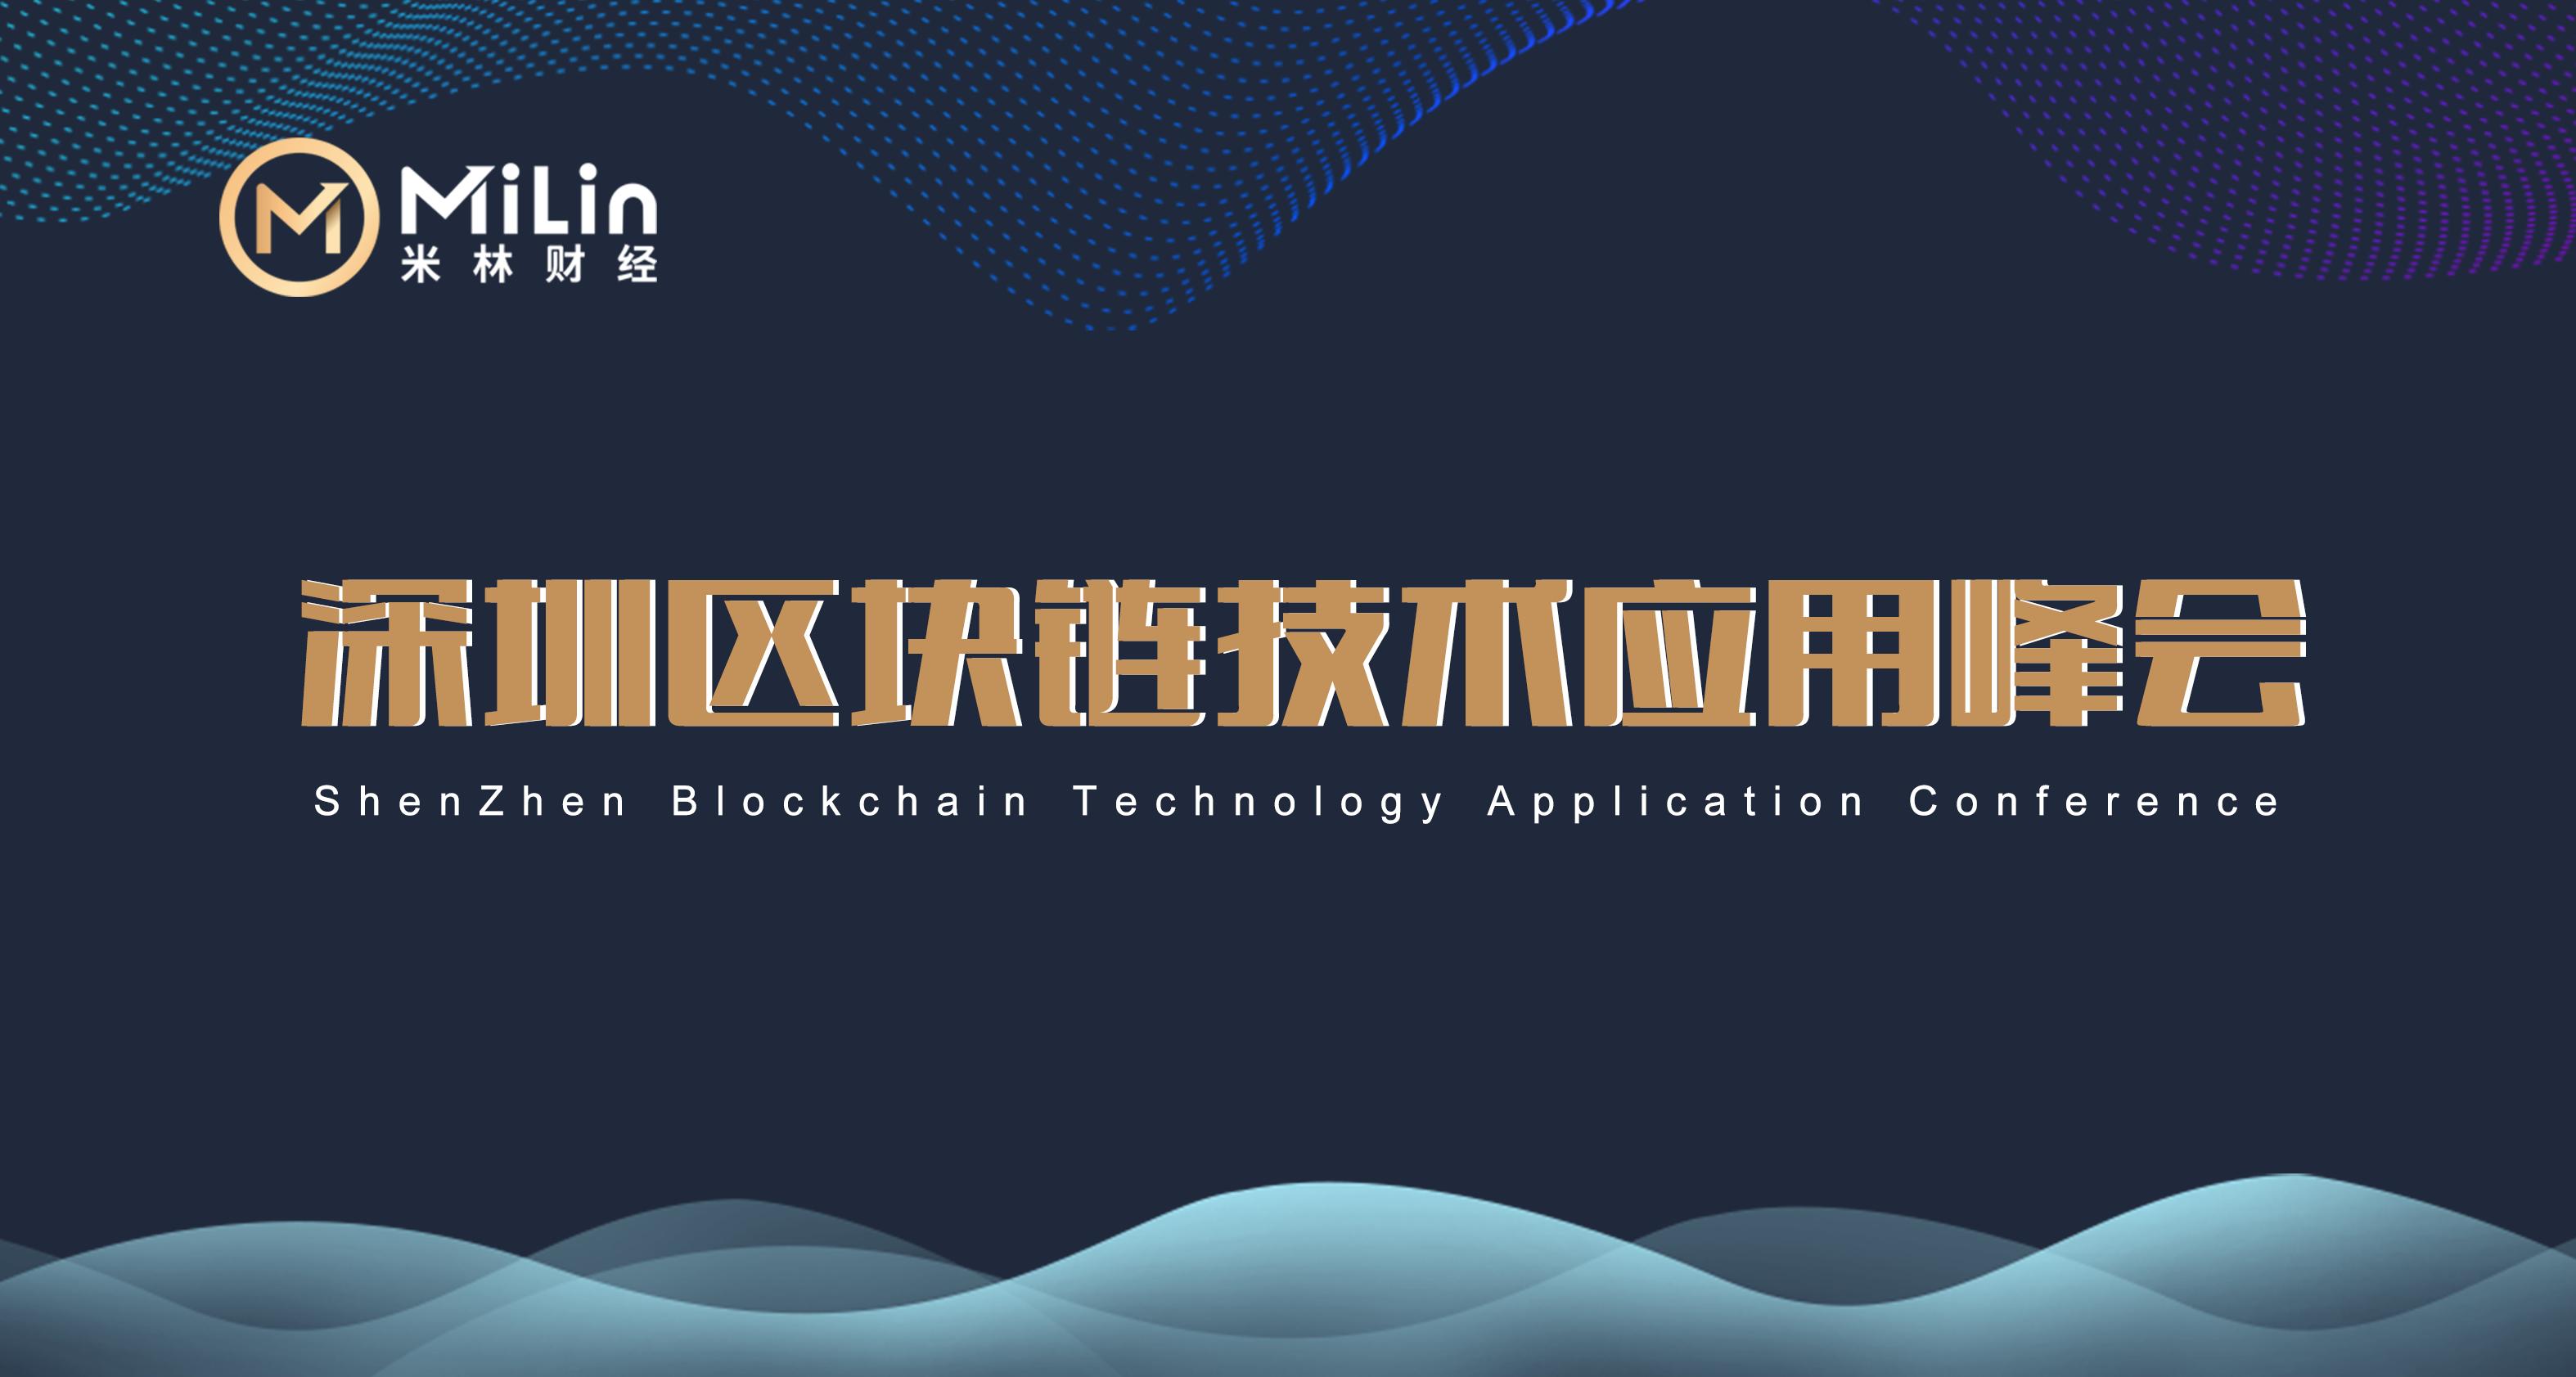 深圳区块链技术应用峰会